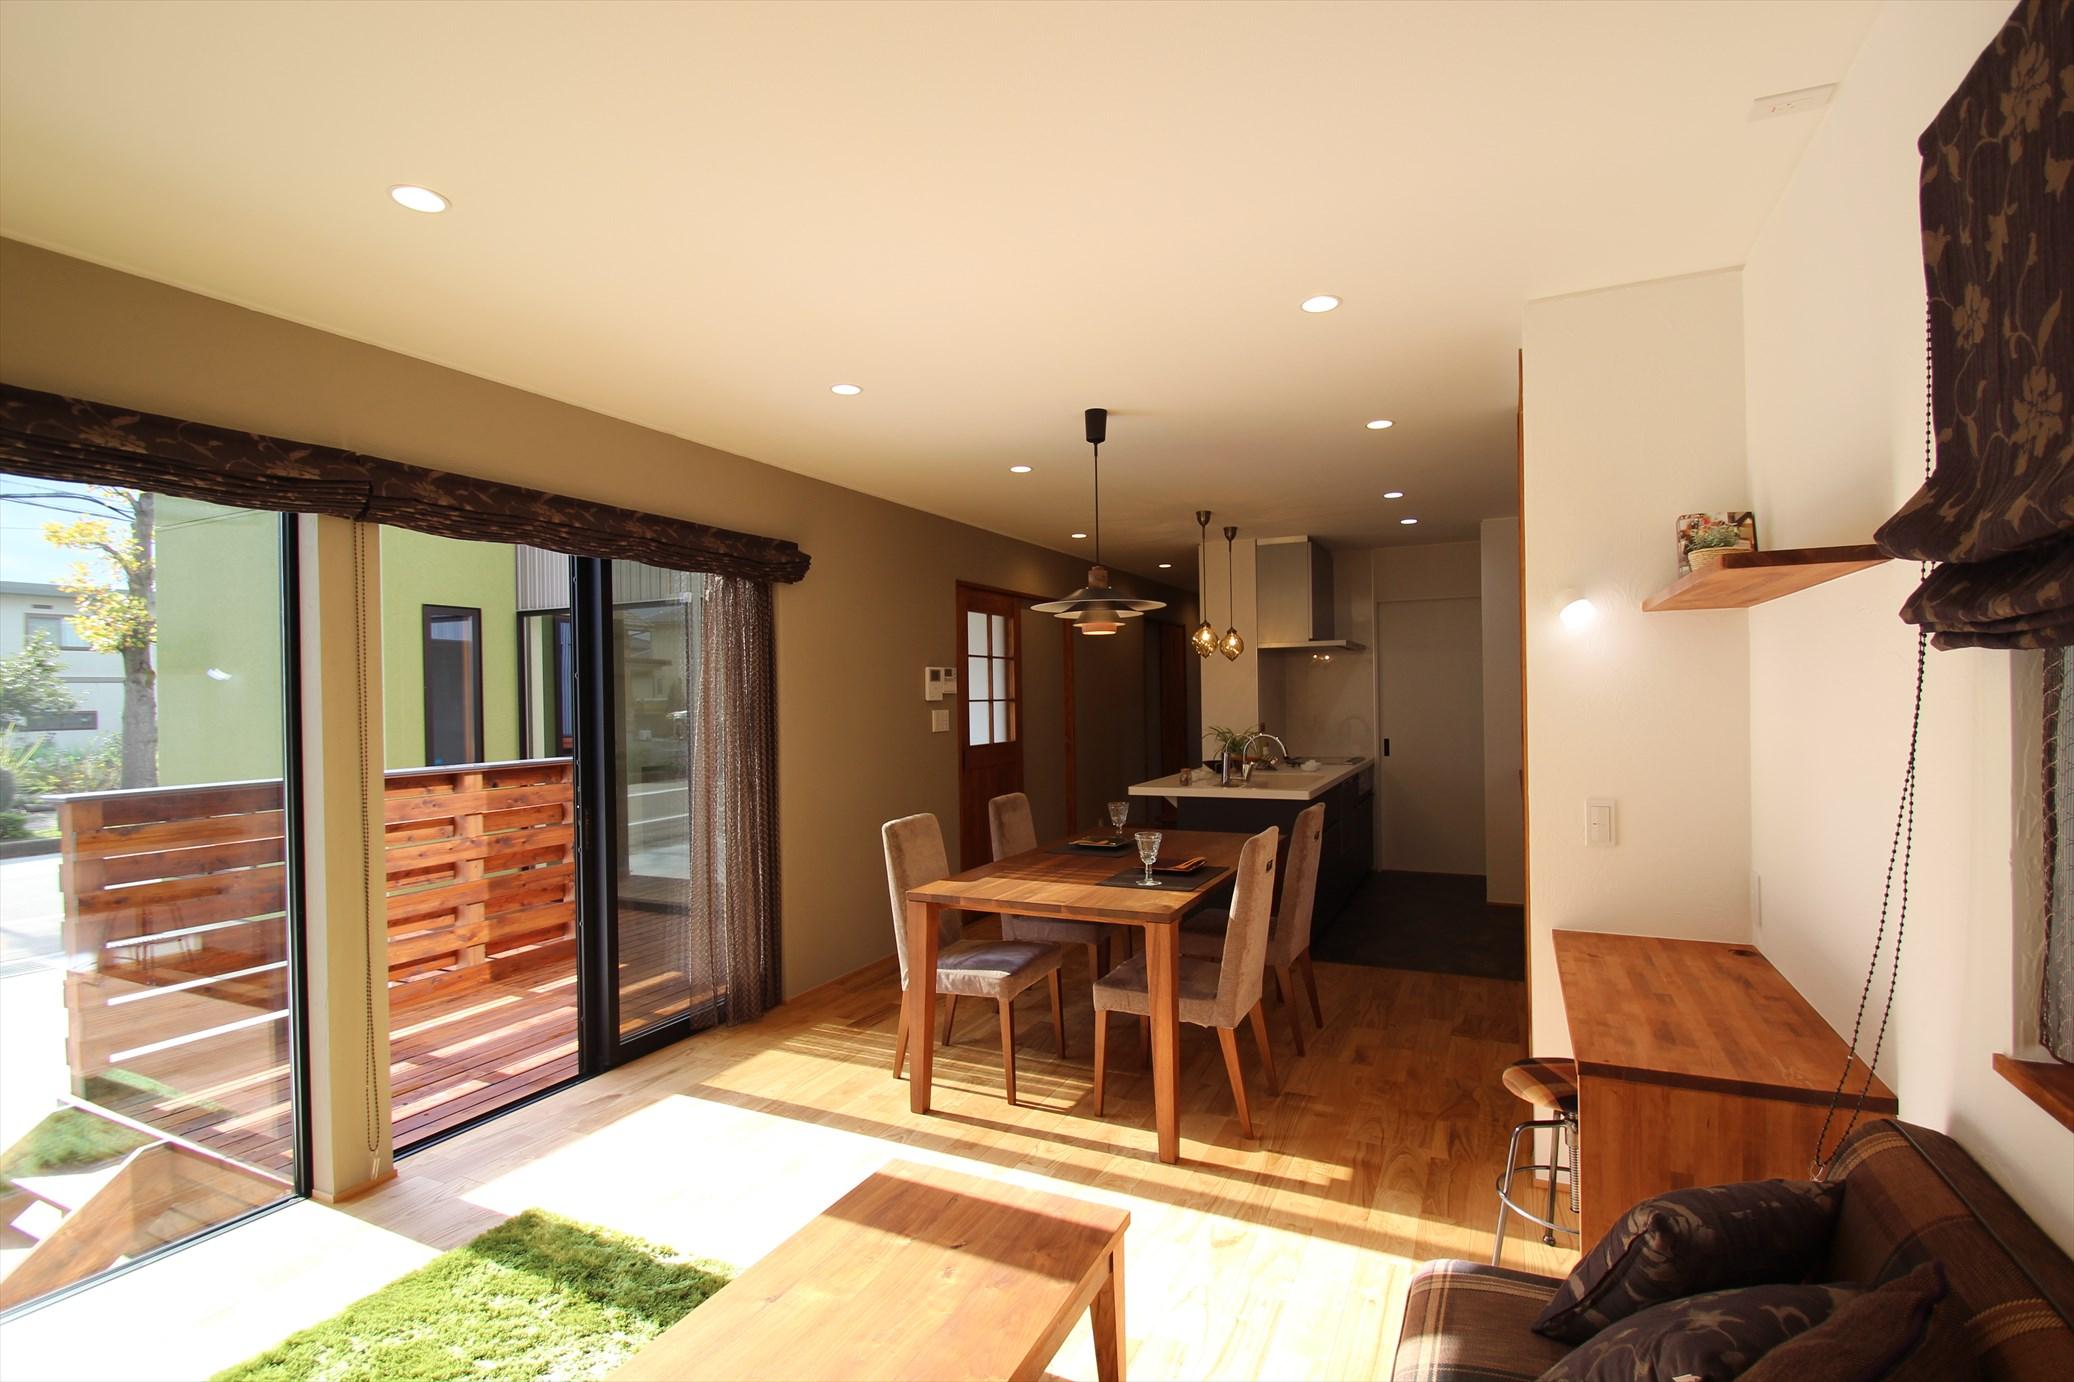 コートを囲む外とのつながりが心地よい家|石川県金沢市の注文住宅・デザイン性・新築の家・戸建て|E-HOUSE